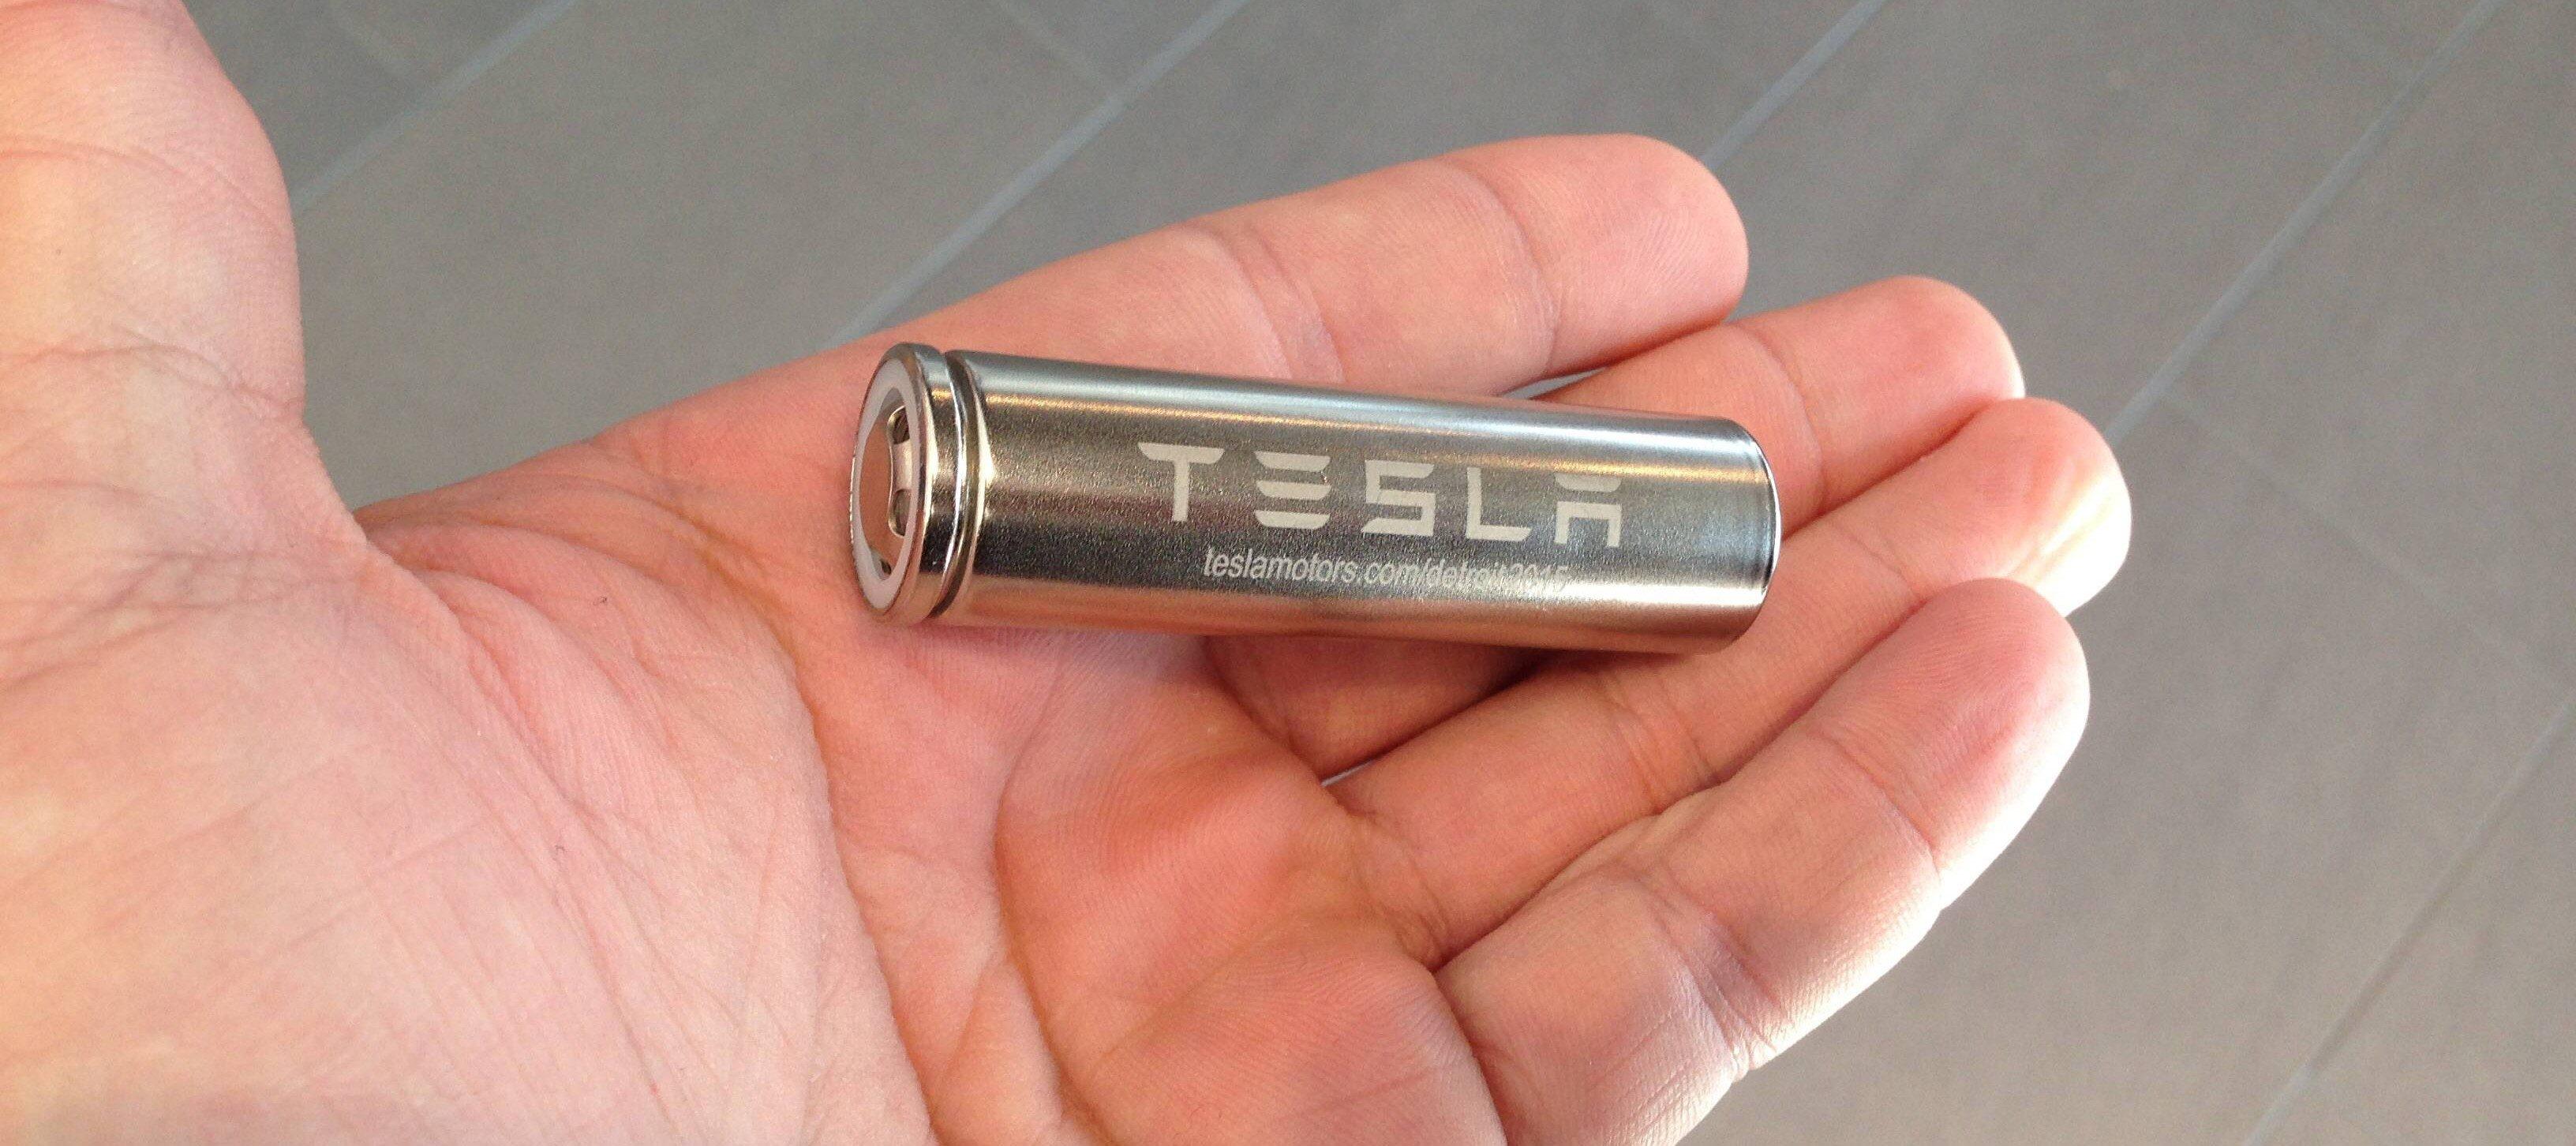 Džef Dan iz Tesle razvija bateriju sposobnu za kilometražu od 1,5 miliona kilometara?